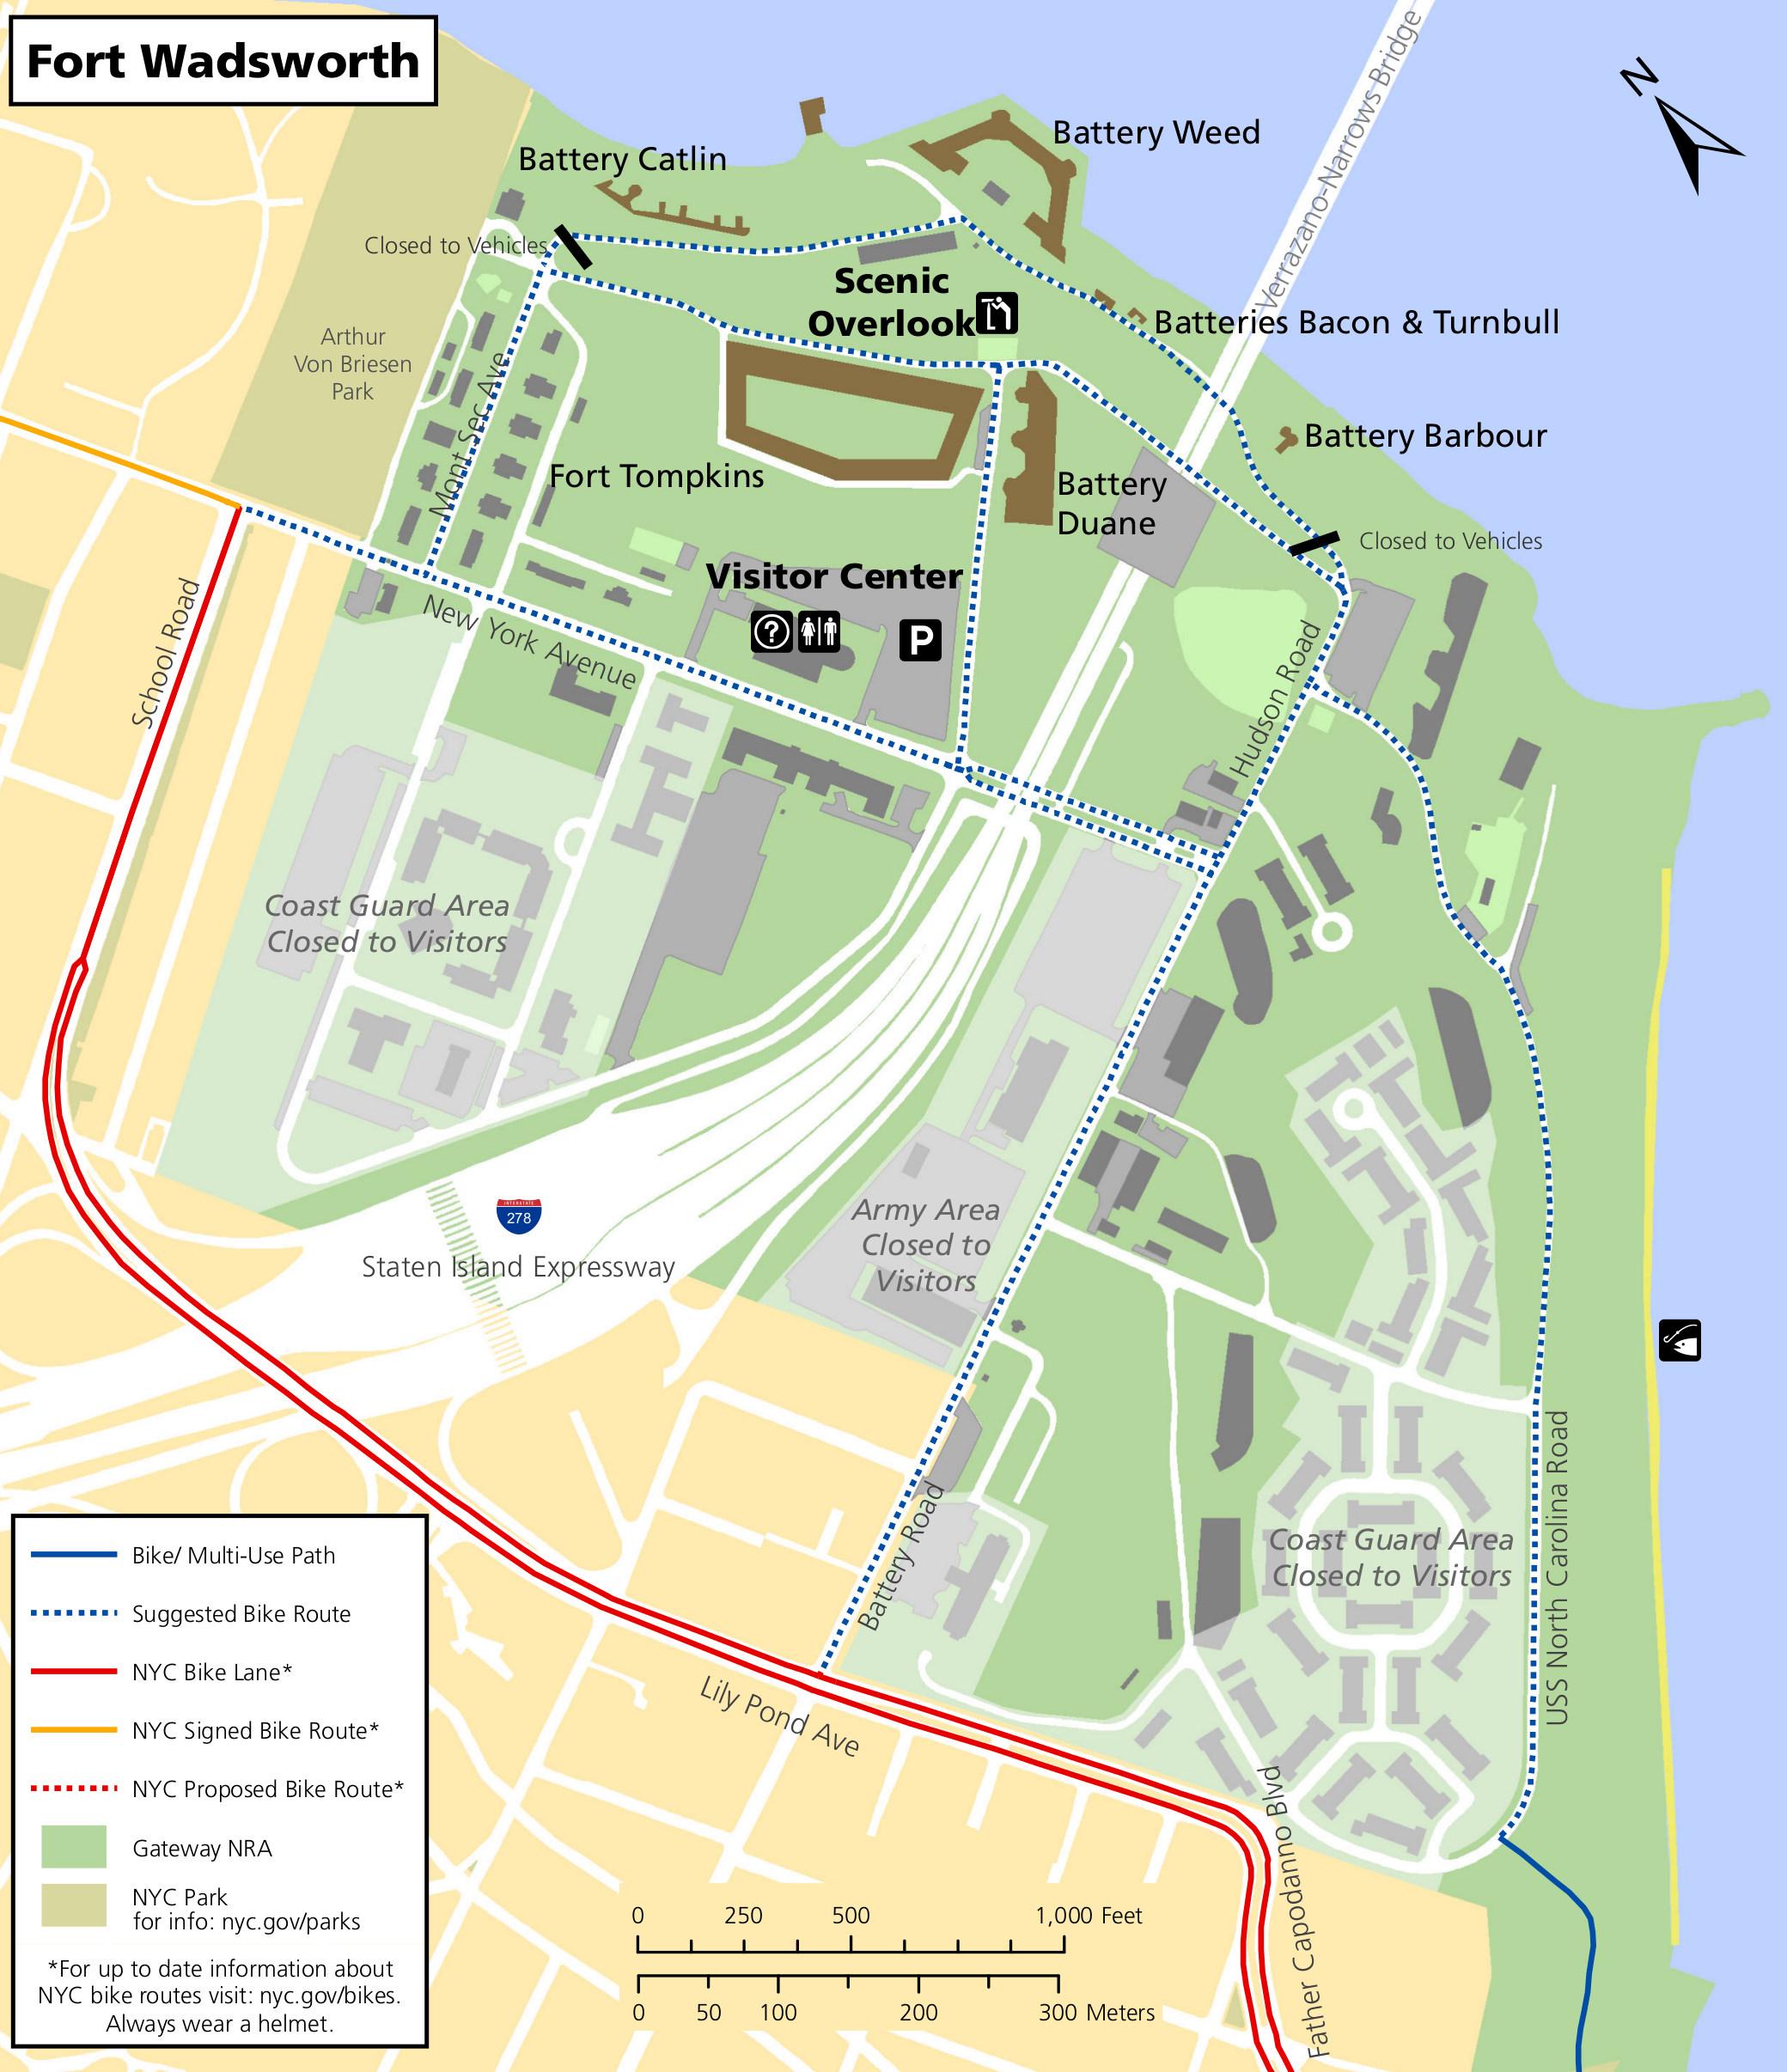 FileNPS gatewayfortwadsworthbicyclemapjpg Wikimedia Commons